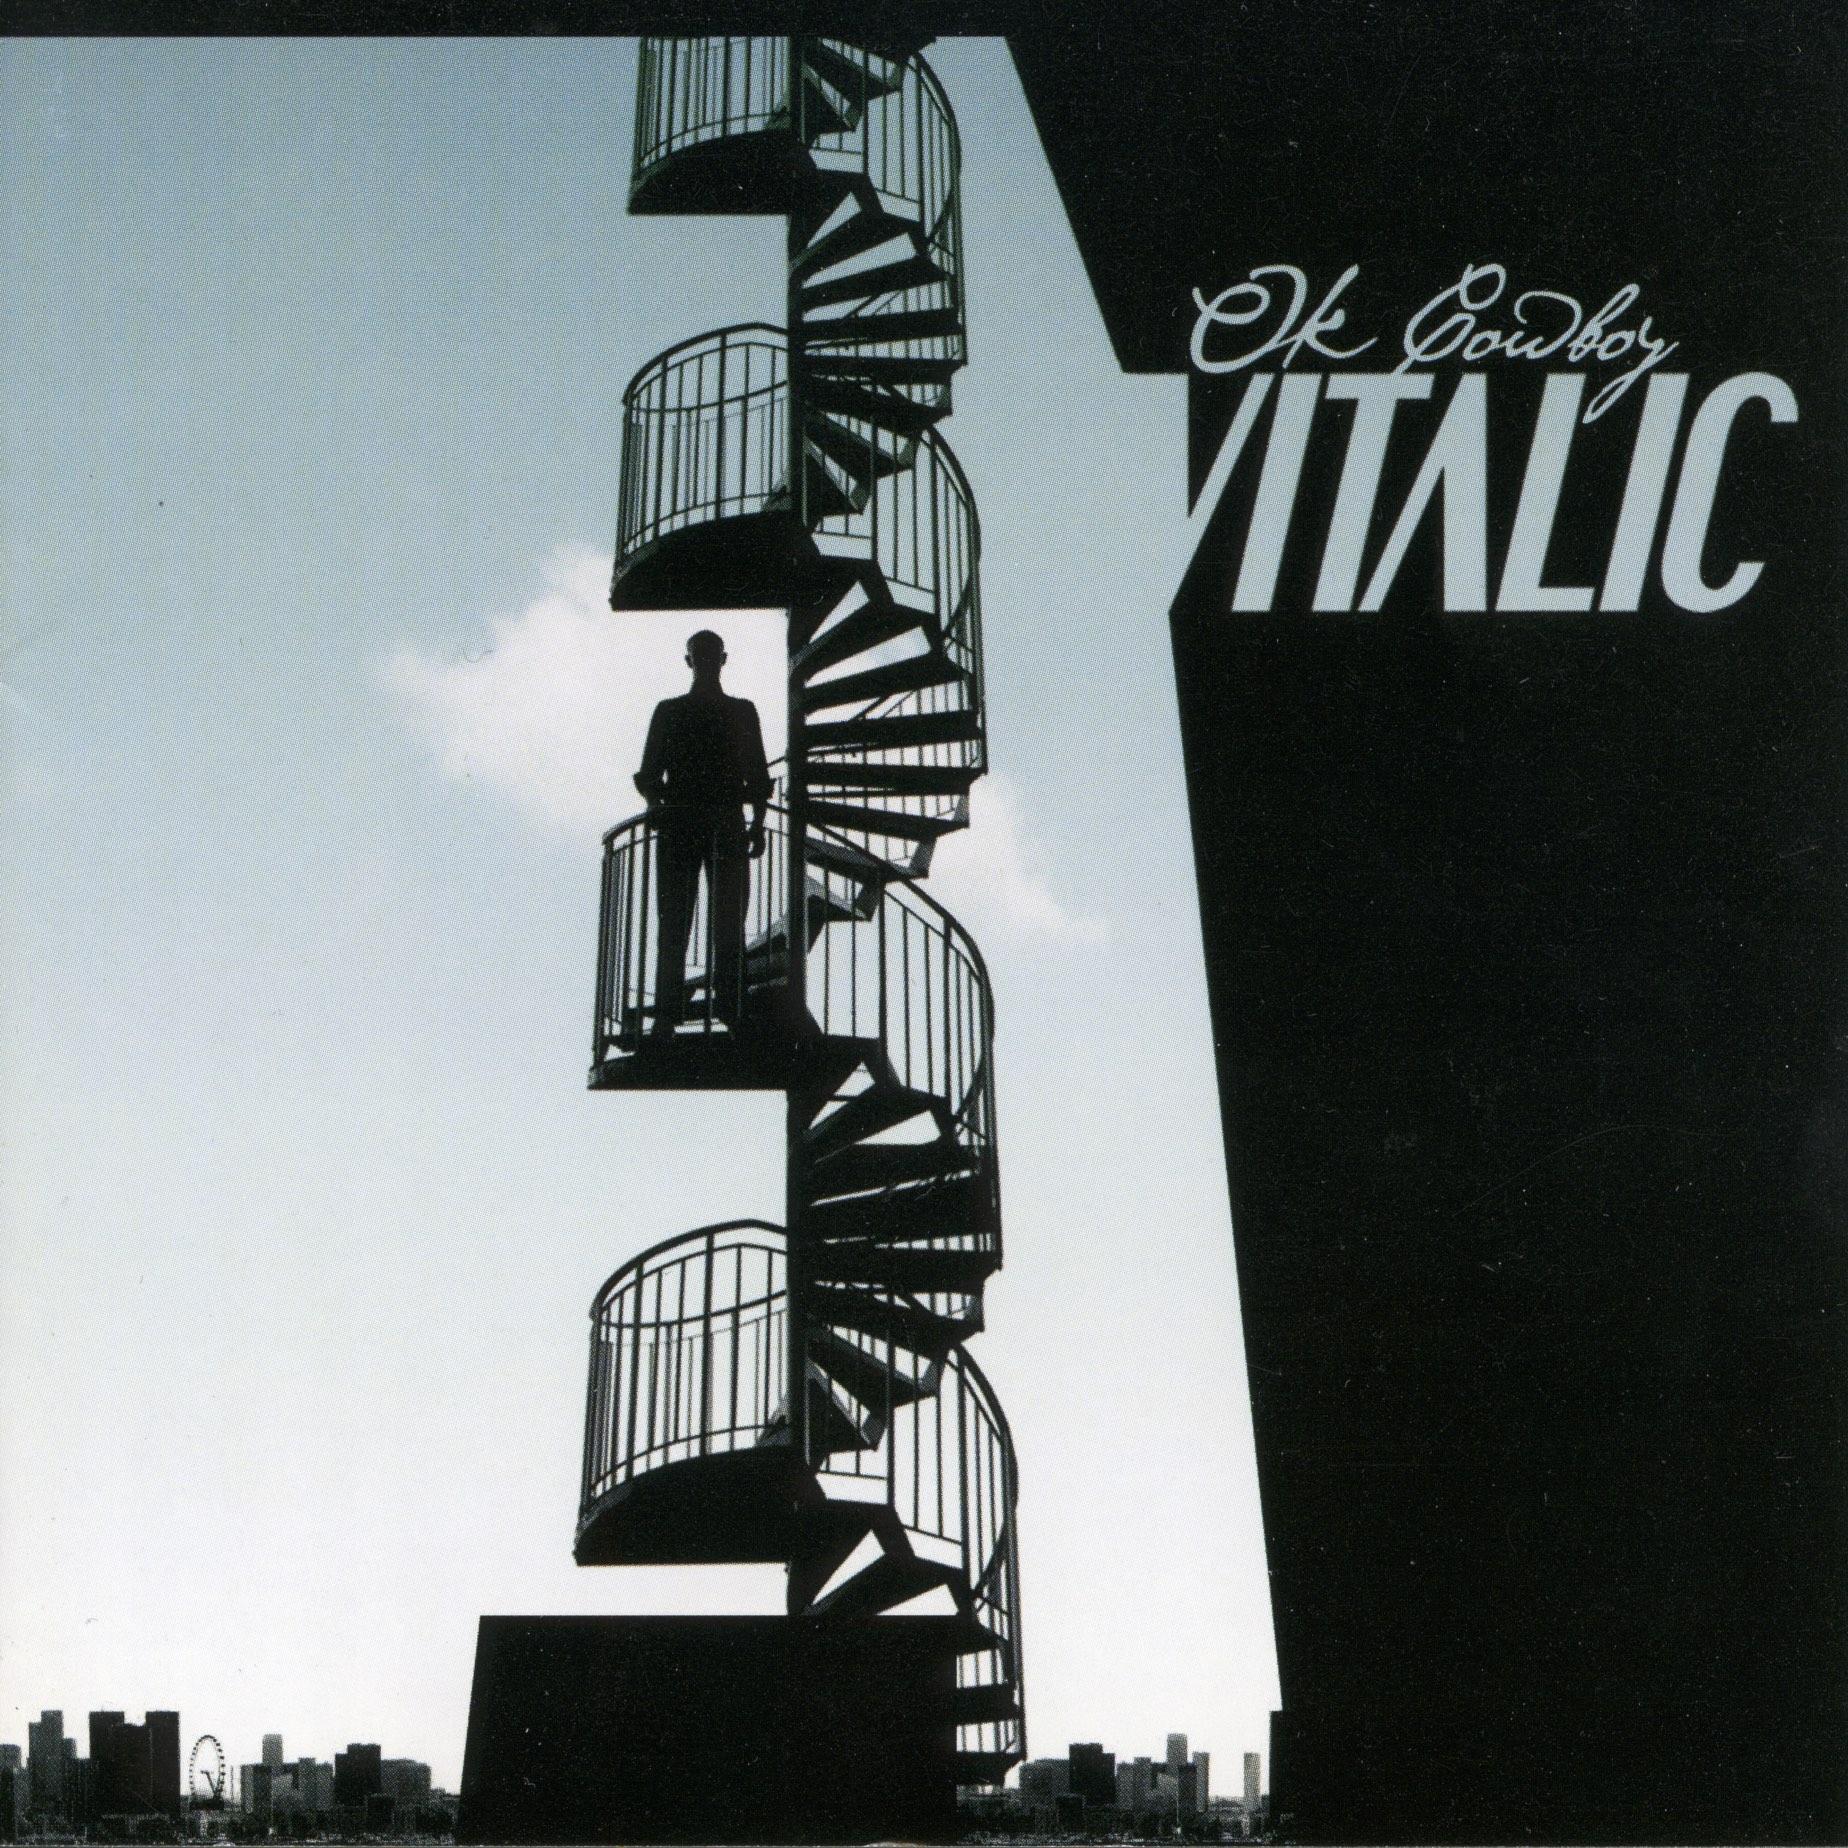 2004 - Vitalic